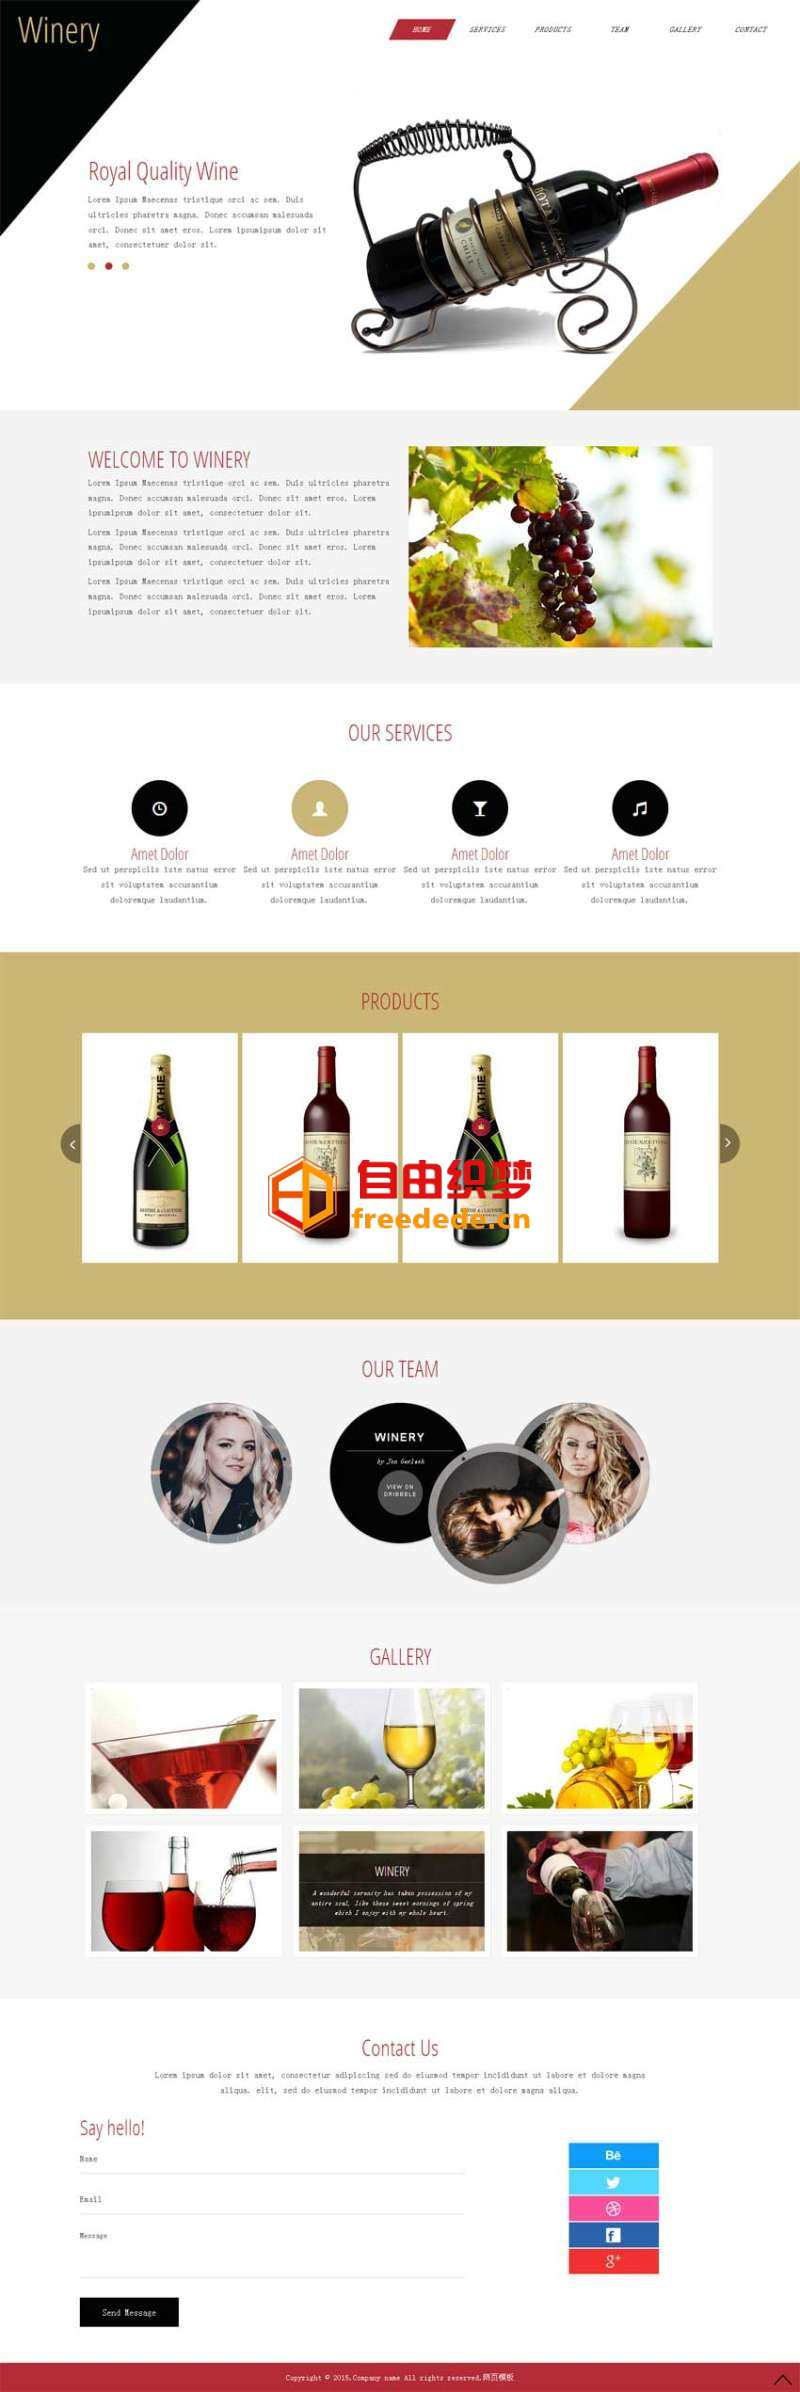 爱上源码网文章国外高档葡萄酒网站展示单页模板的内容插图